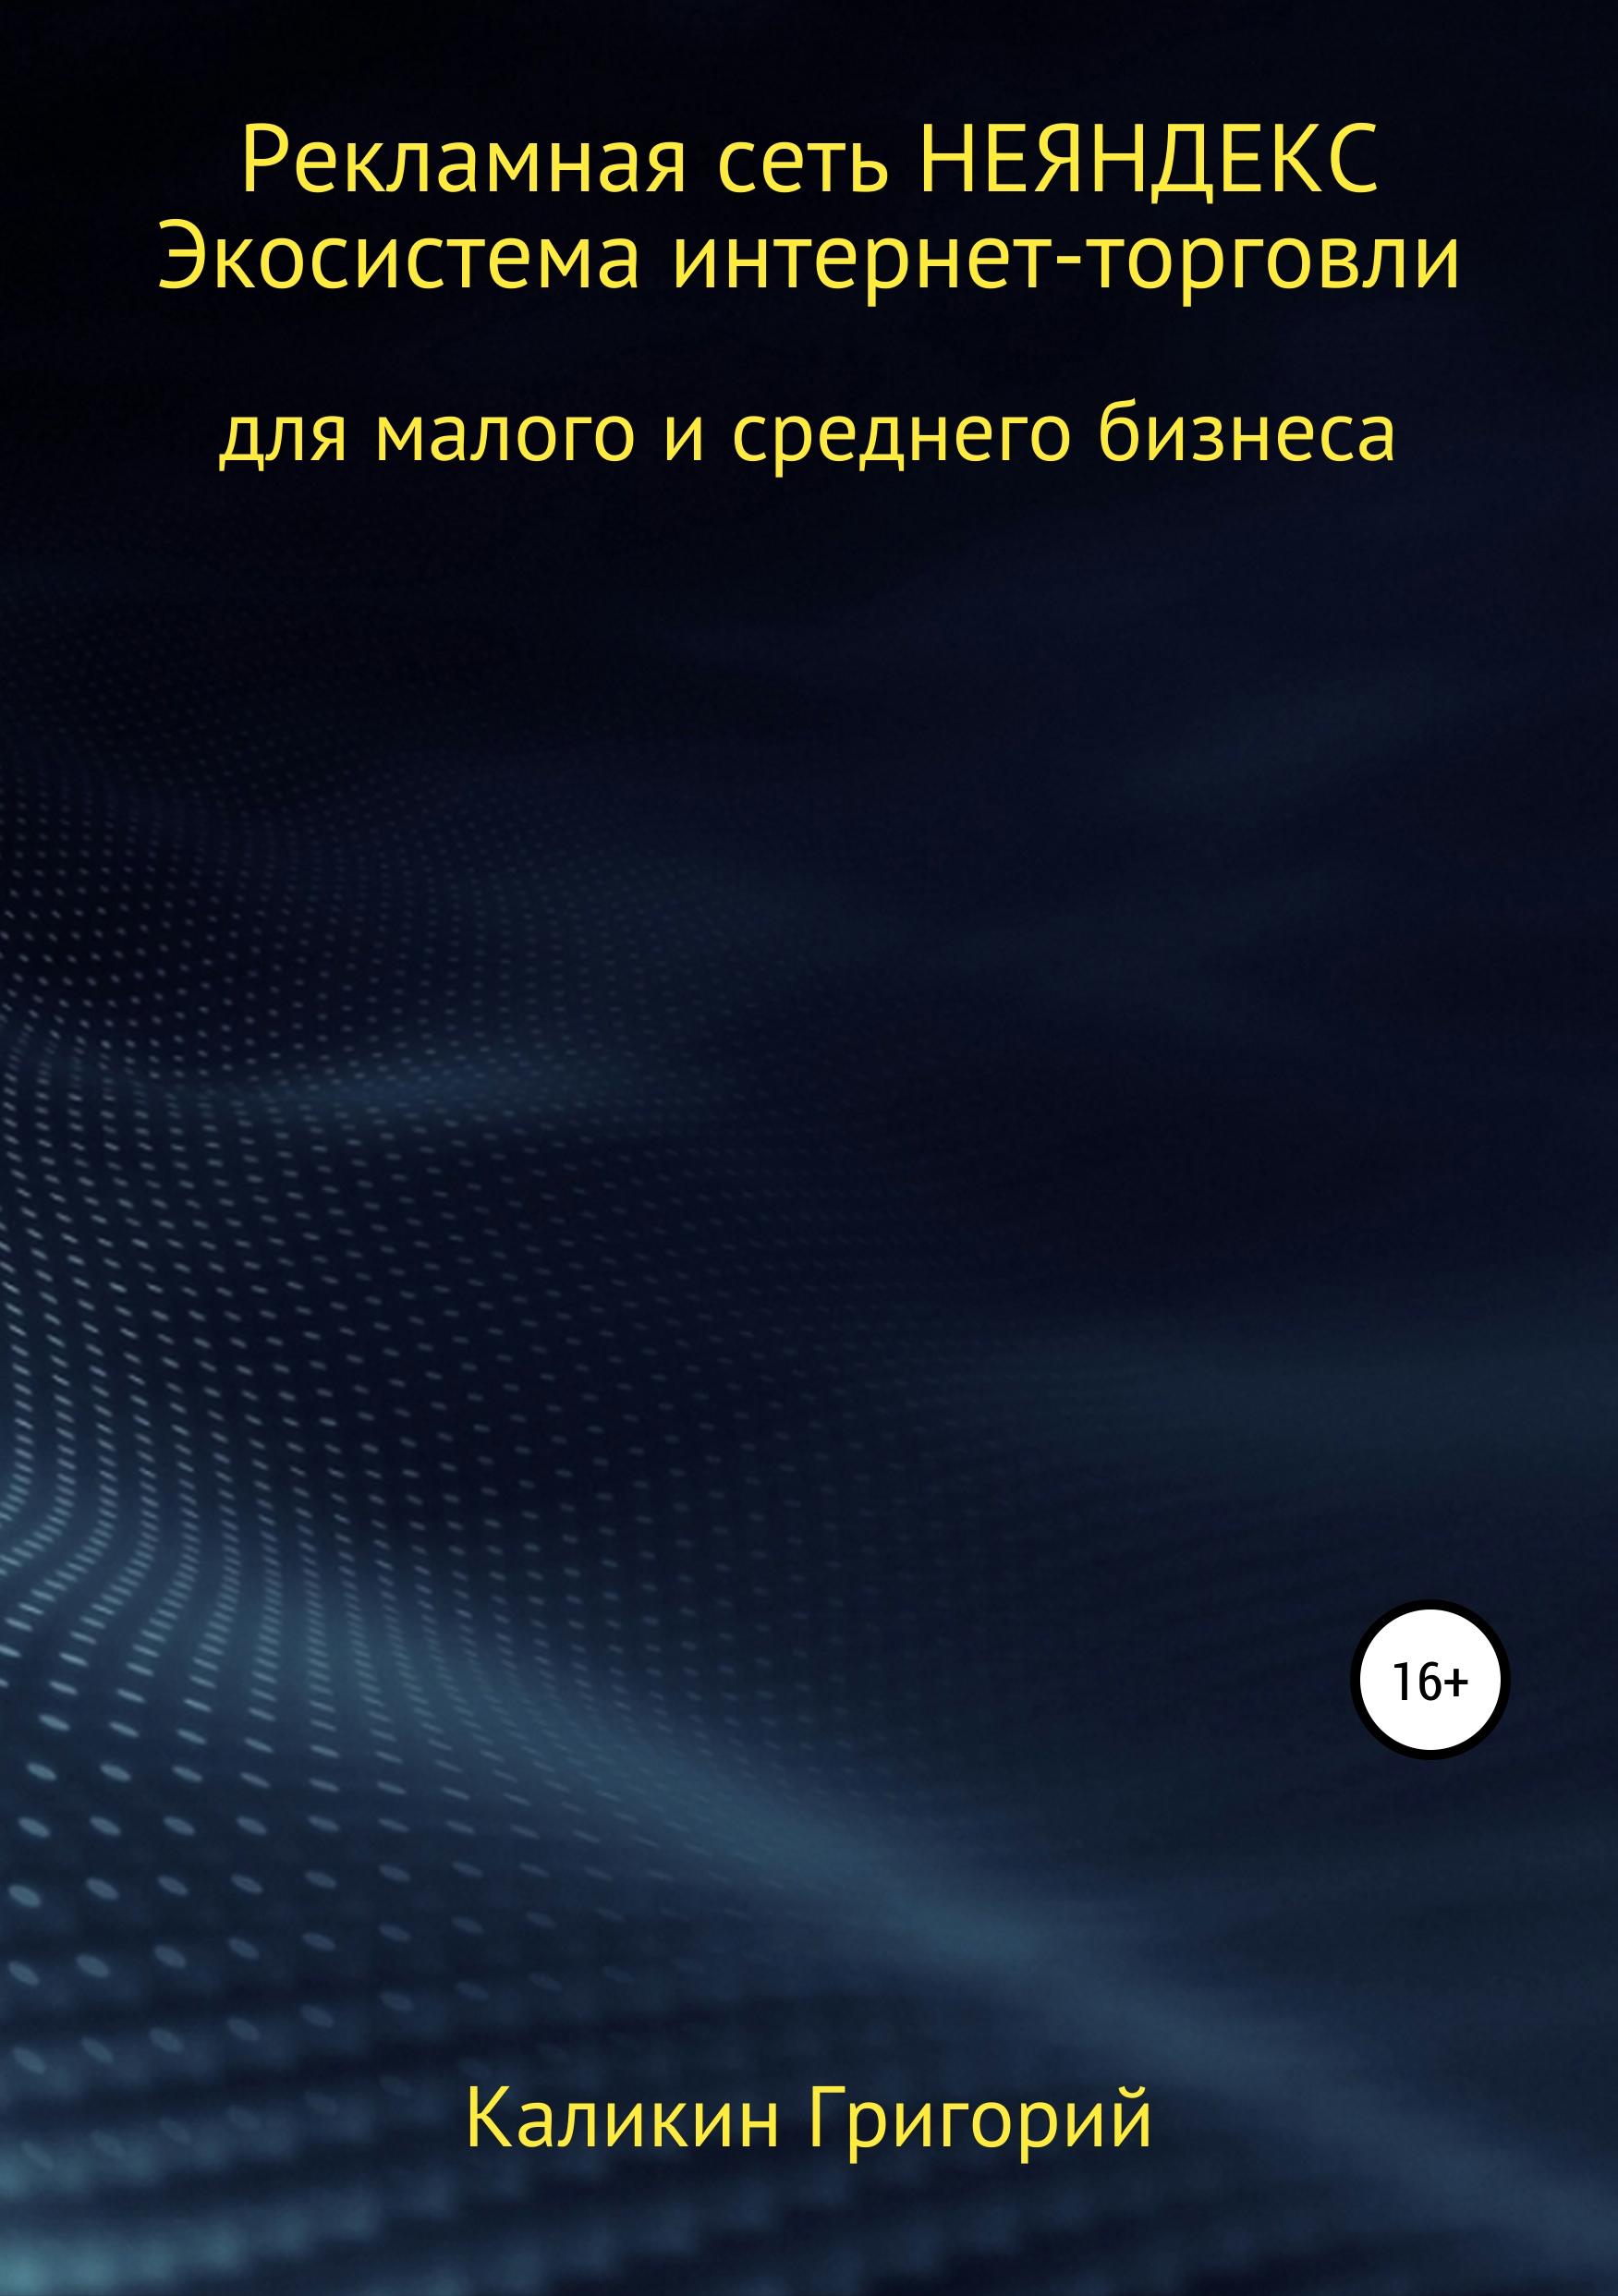 Рекламная сеть НЕЯНДЕКСА. Экосистема интернет-торговли для малого и среднего бизнеса.